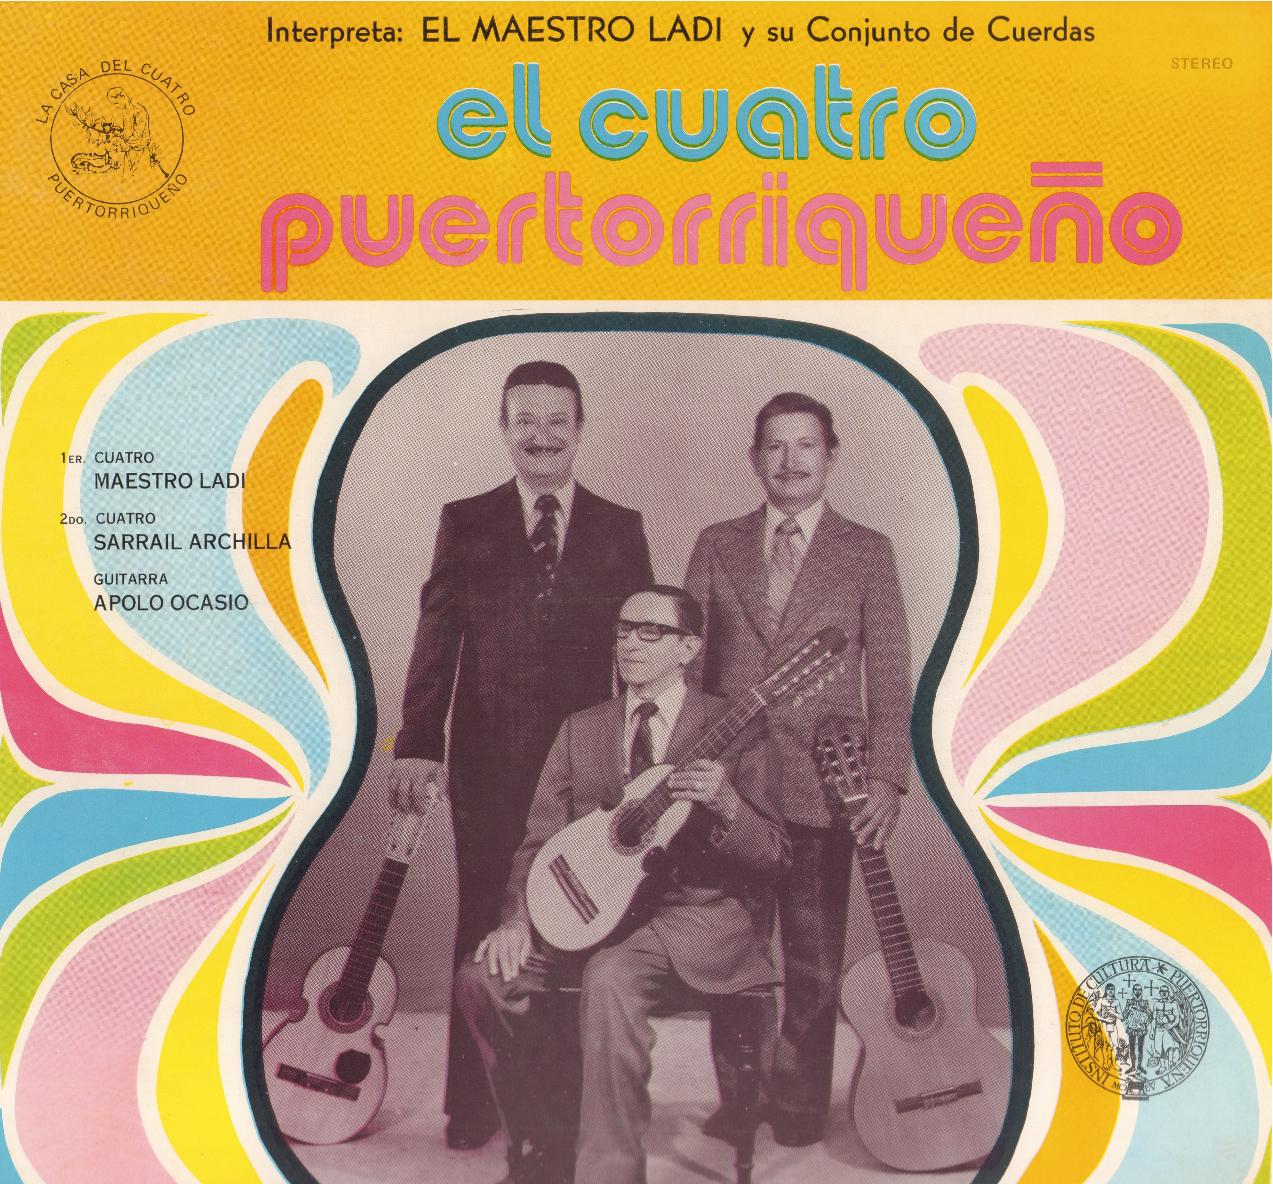 El Cuatro Puertorriqueño: El Maestro Ldí y su Conjunto de Cuerdas